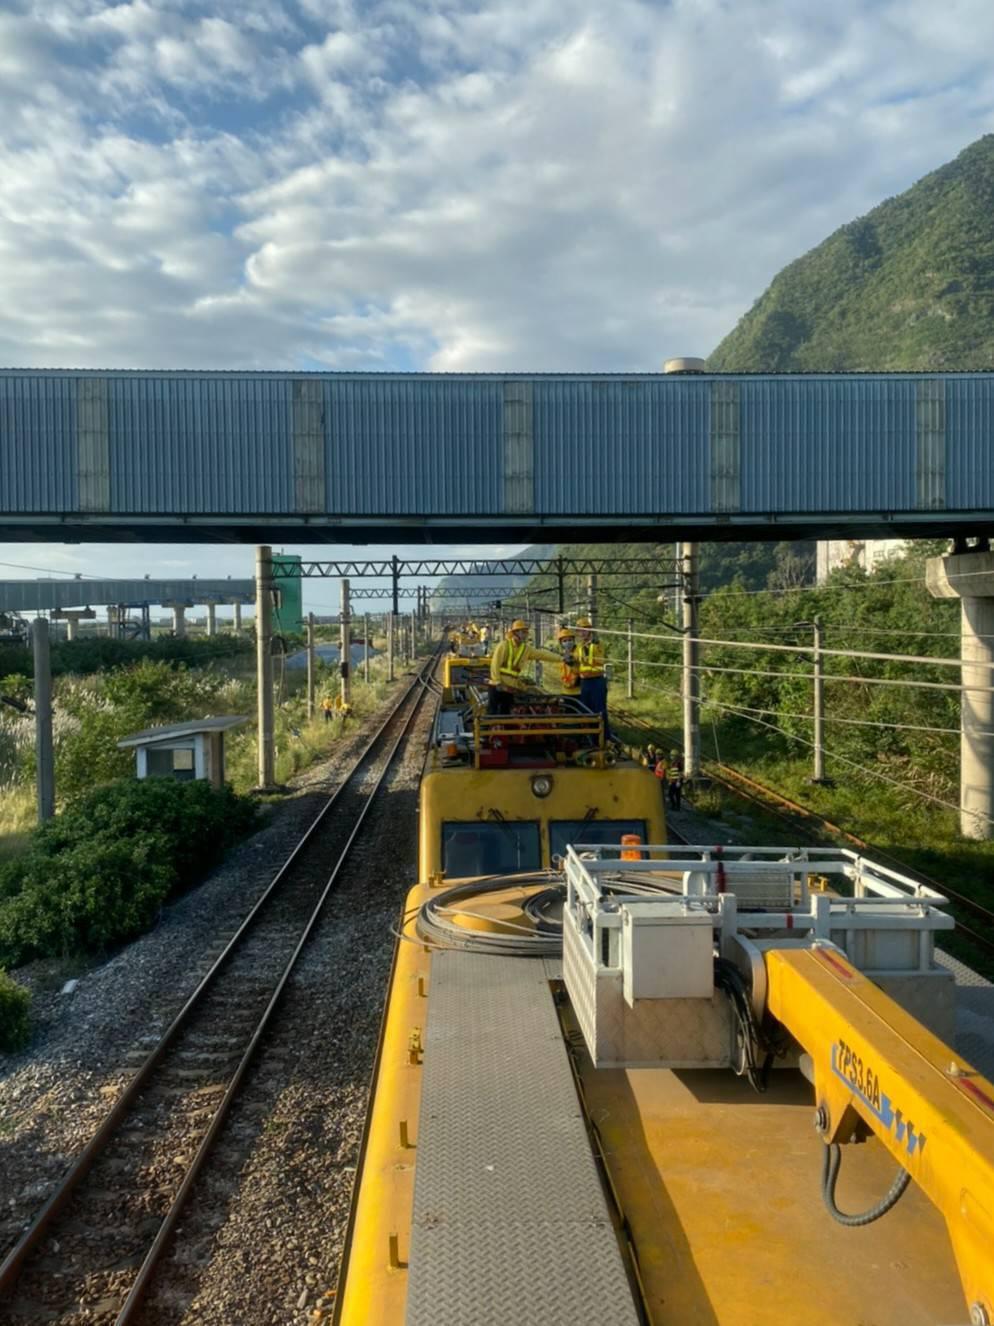 昨天深夜23時51分台鐵太魯閣自強號通過和平站時,集電弓斷落纏繞電車線,導致電車...